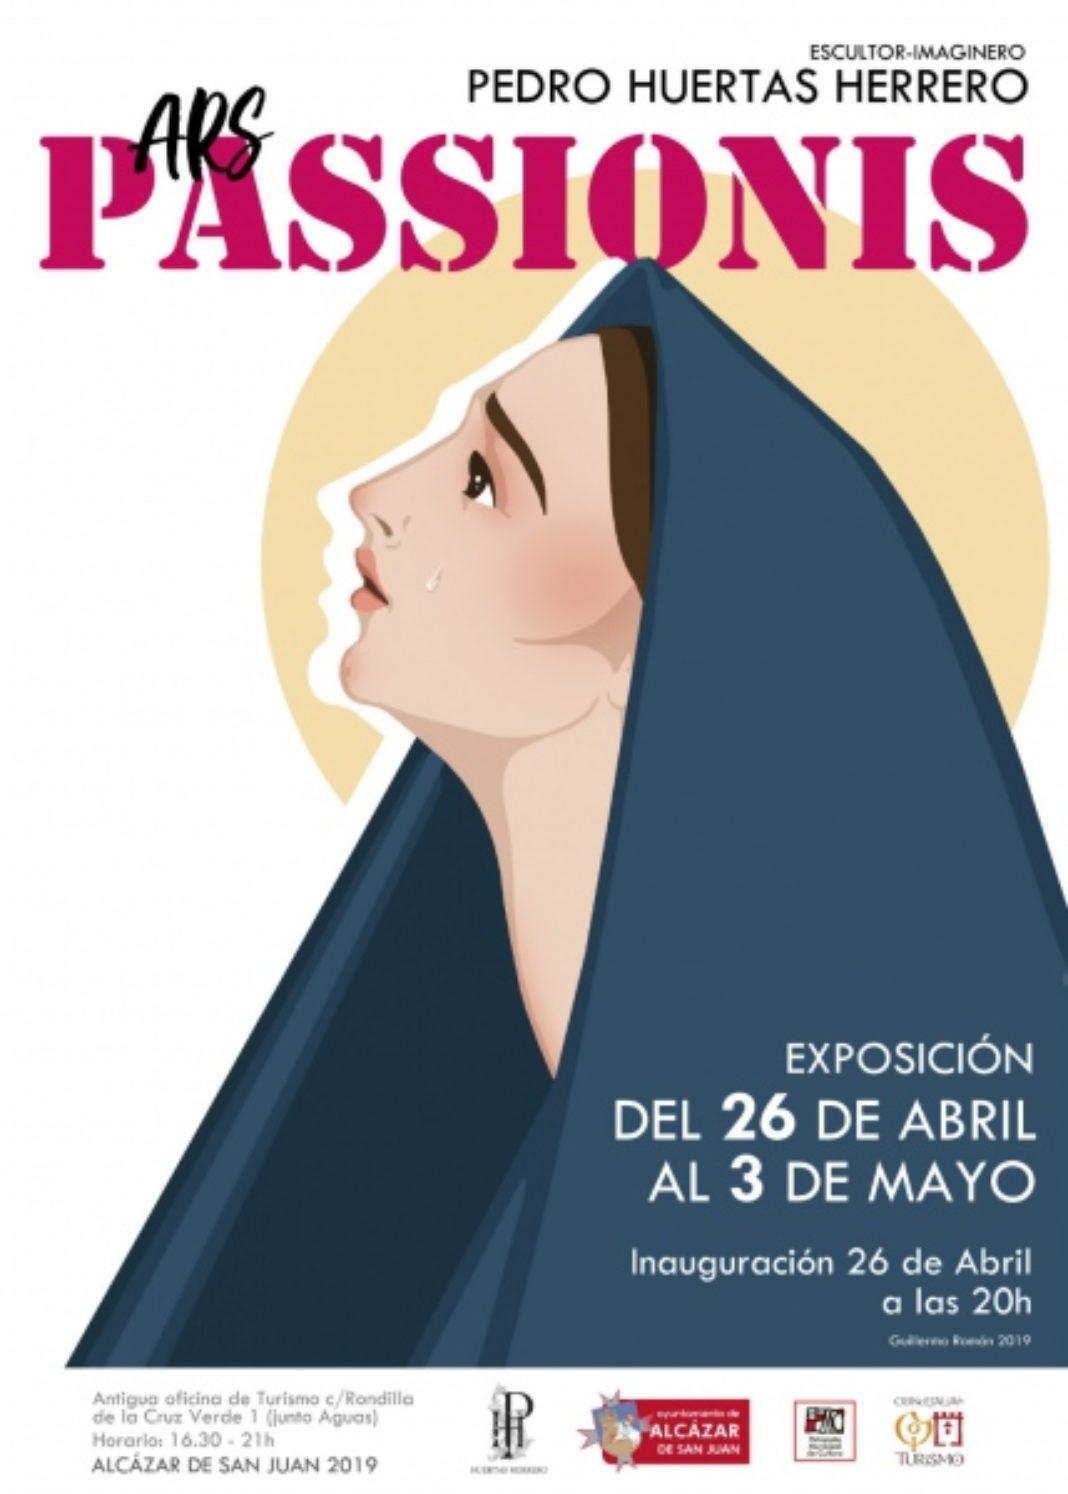 Pedro Huertas Herrero Ars Passionis 1068x1494 - Una exposición en Alcázar recoge la obra de Pedro Huertas Herrero